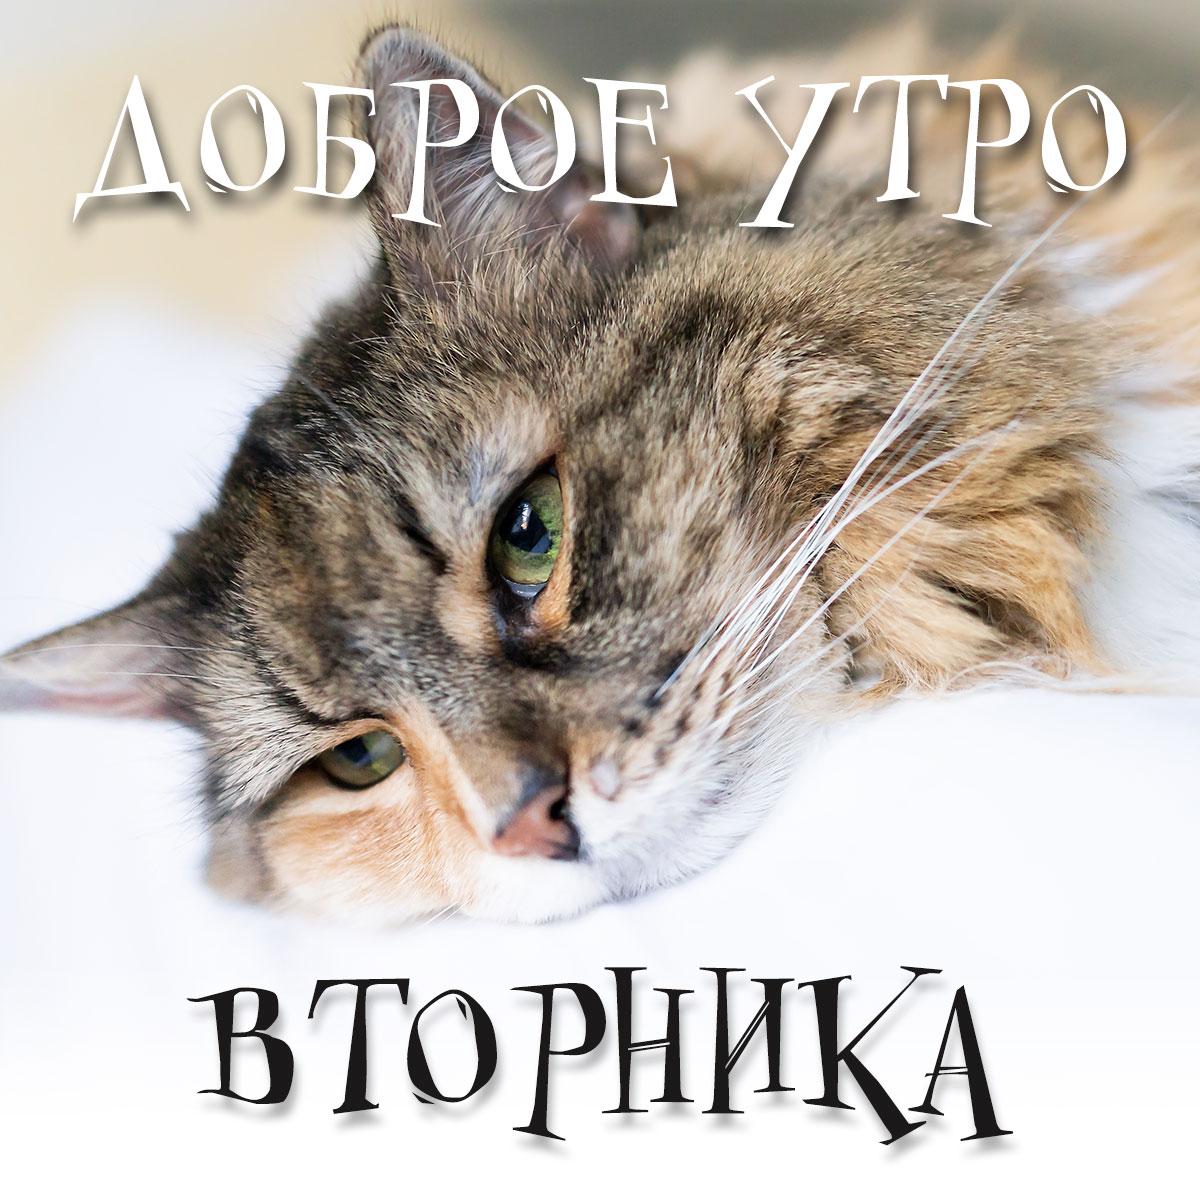 Фотография с надписью доброе утро вторника на фоне кошки.